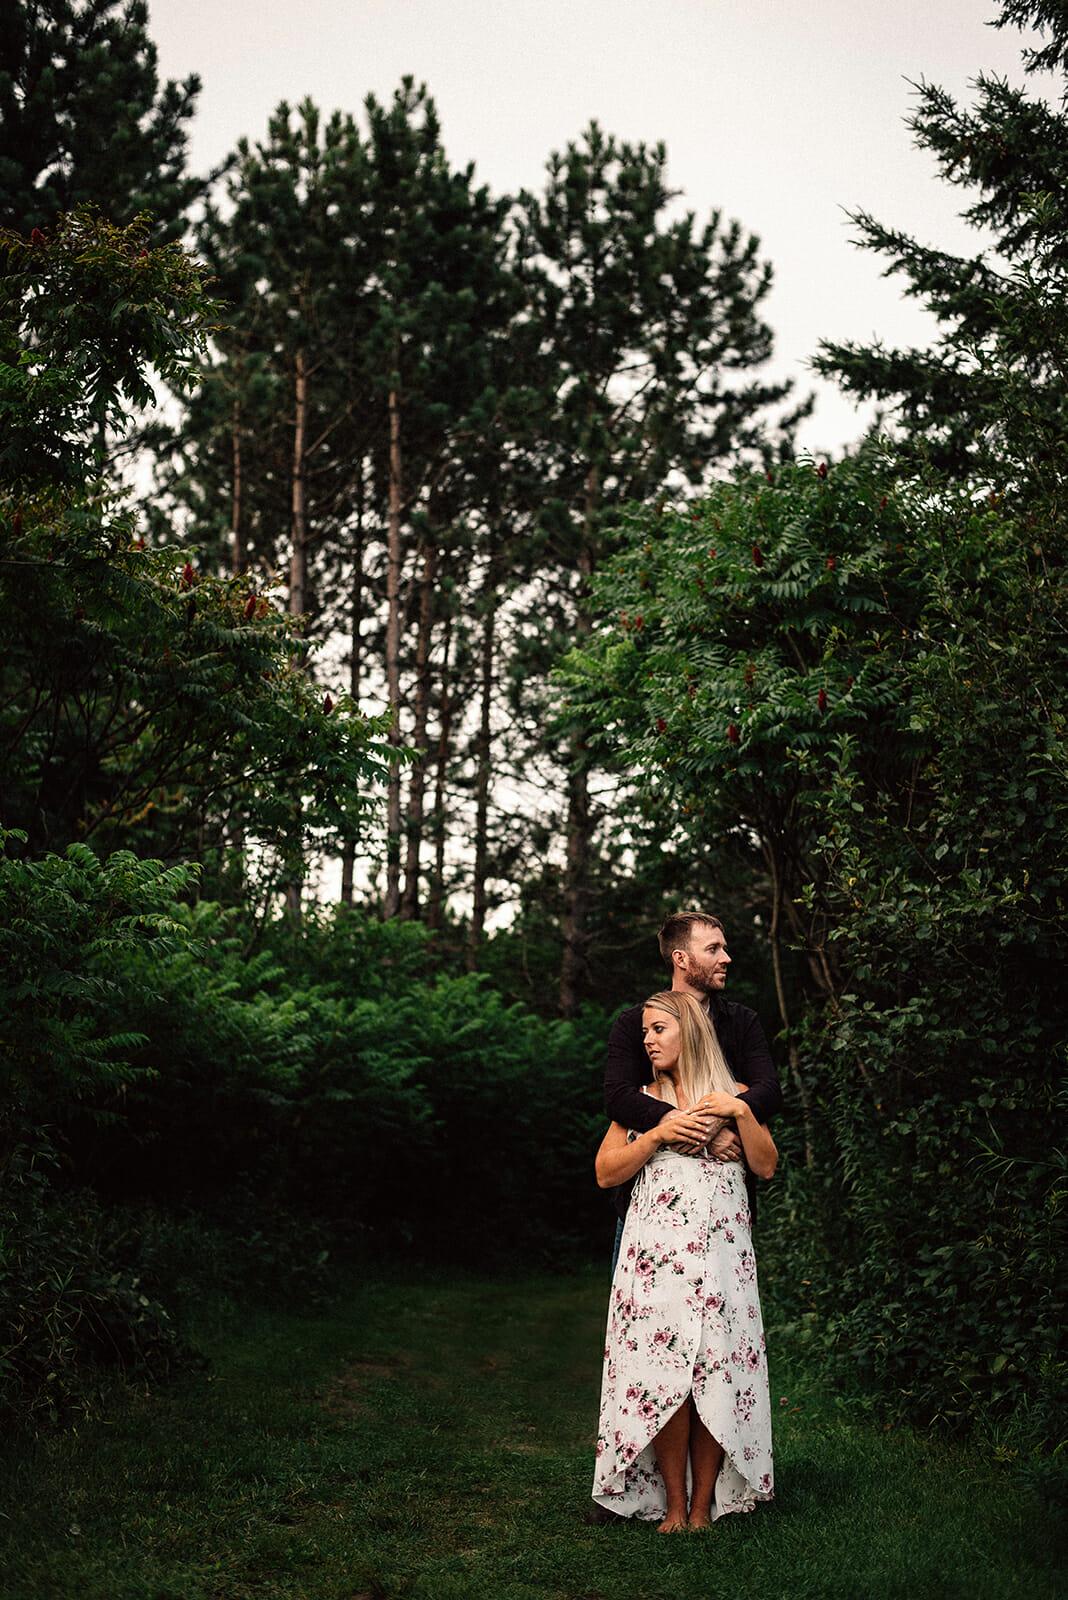 bowmanville couple photographers